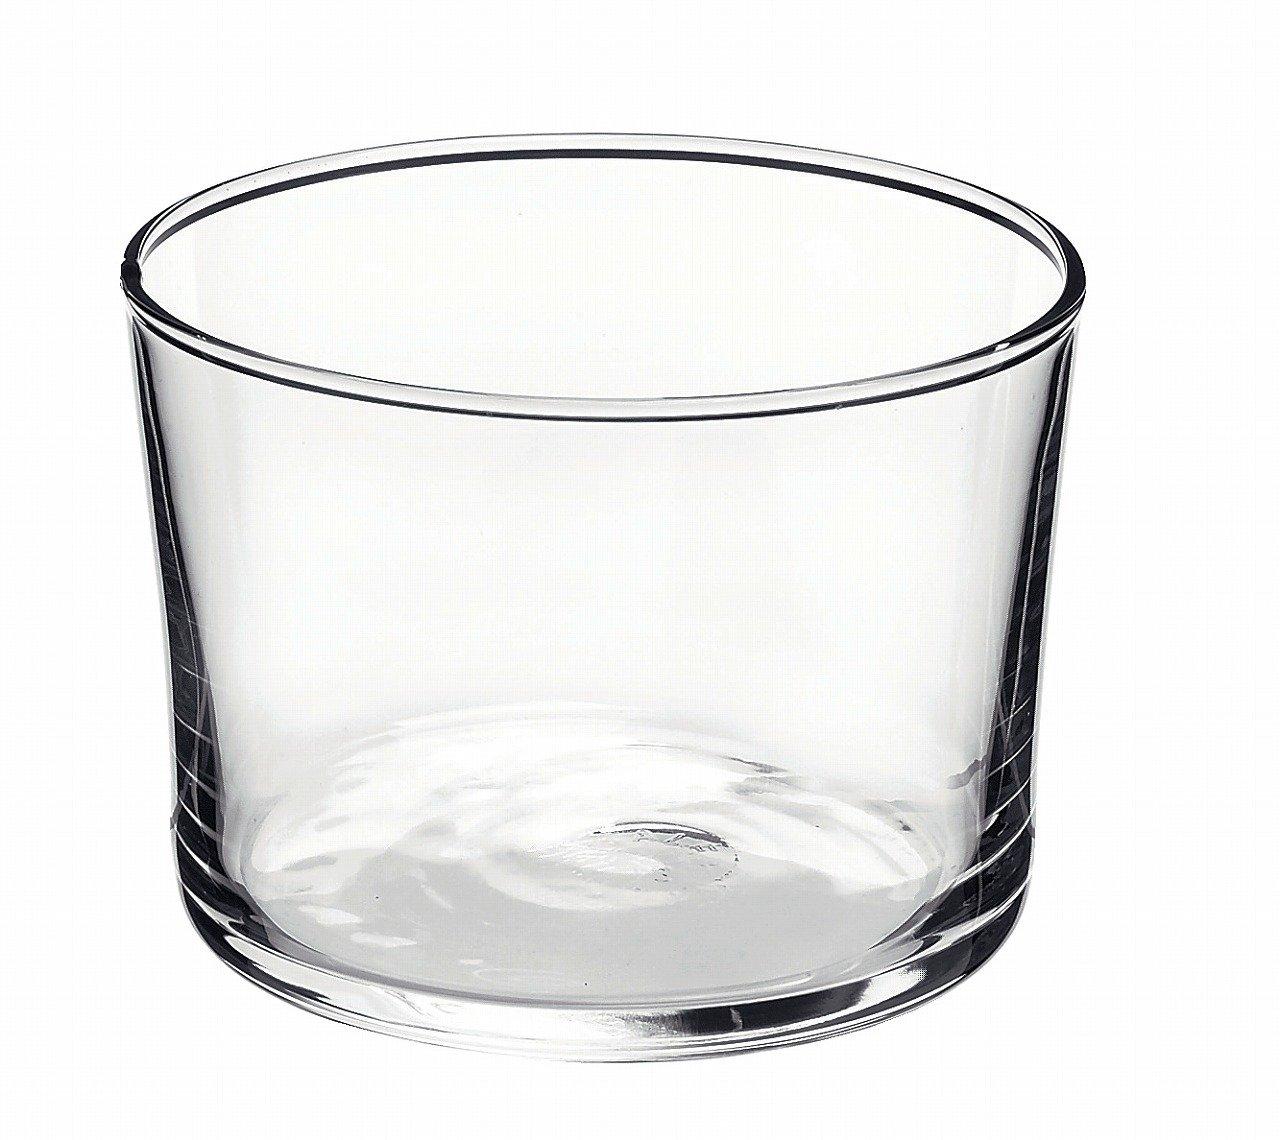 Bormioli Rocco 5154420Bodega Small Glass Tumblers, Pack of 3, 20cl Pengo